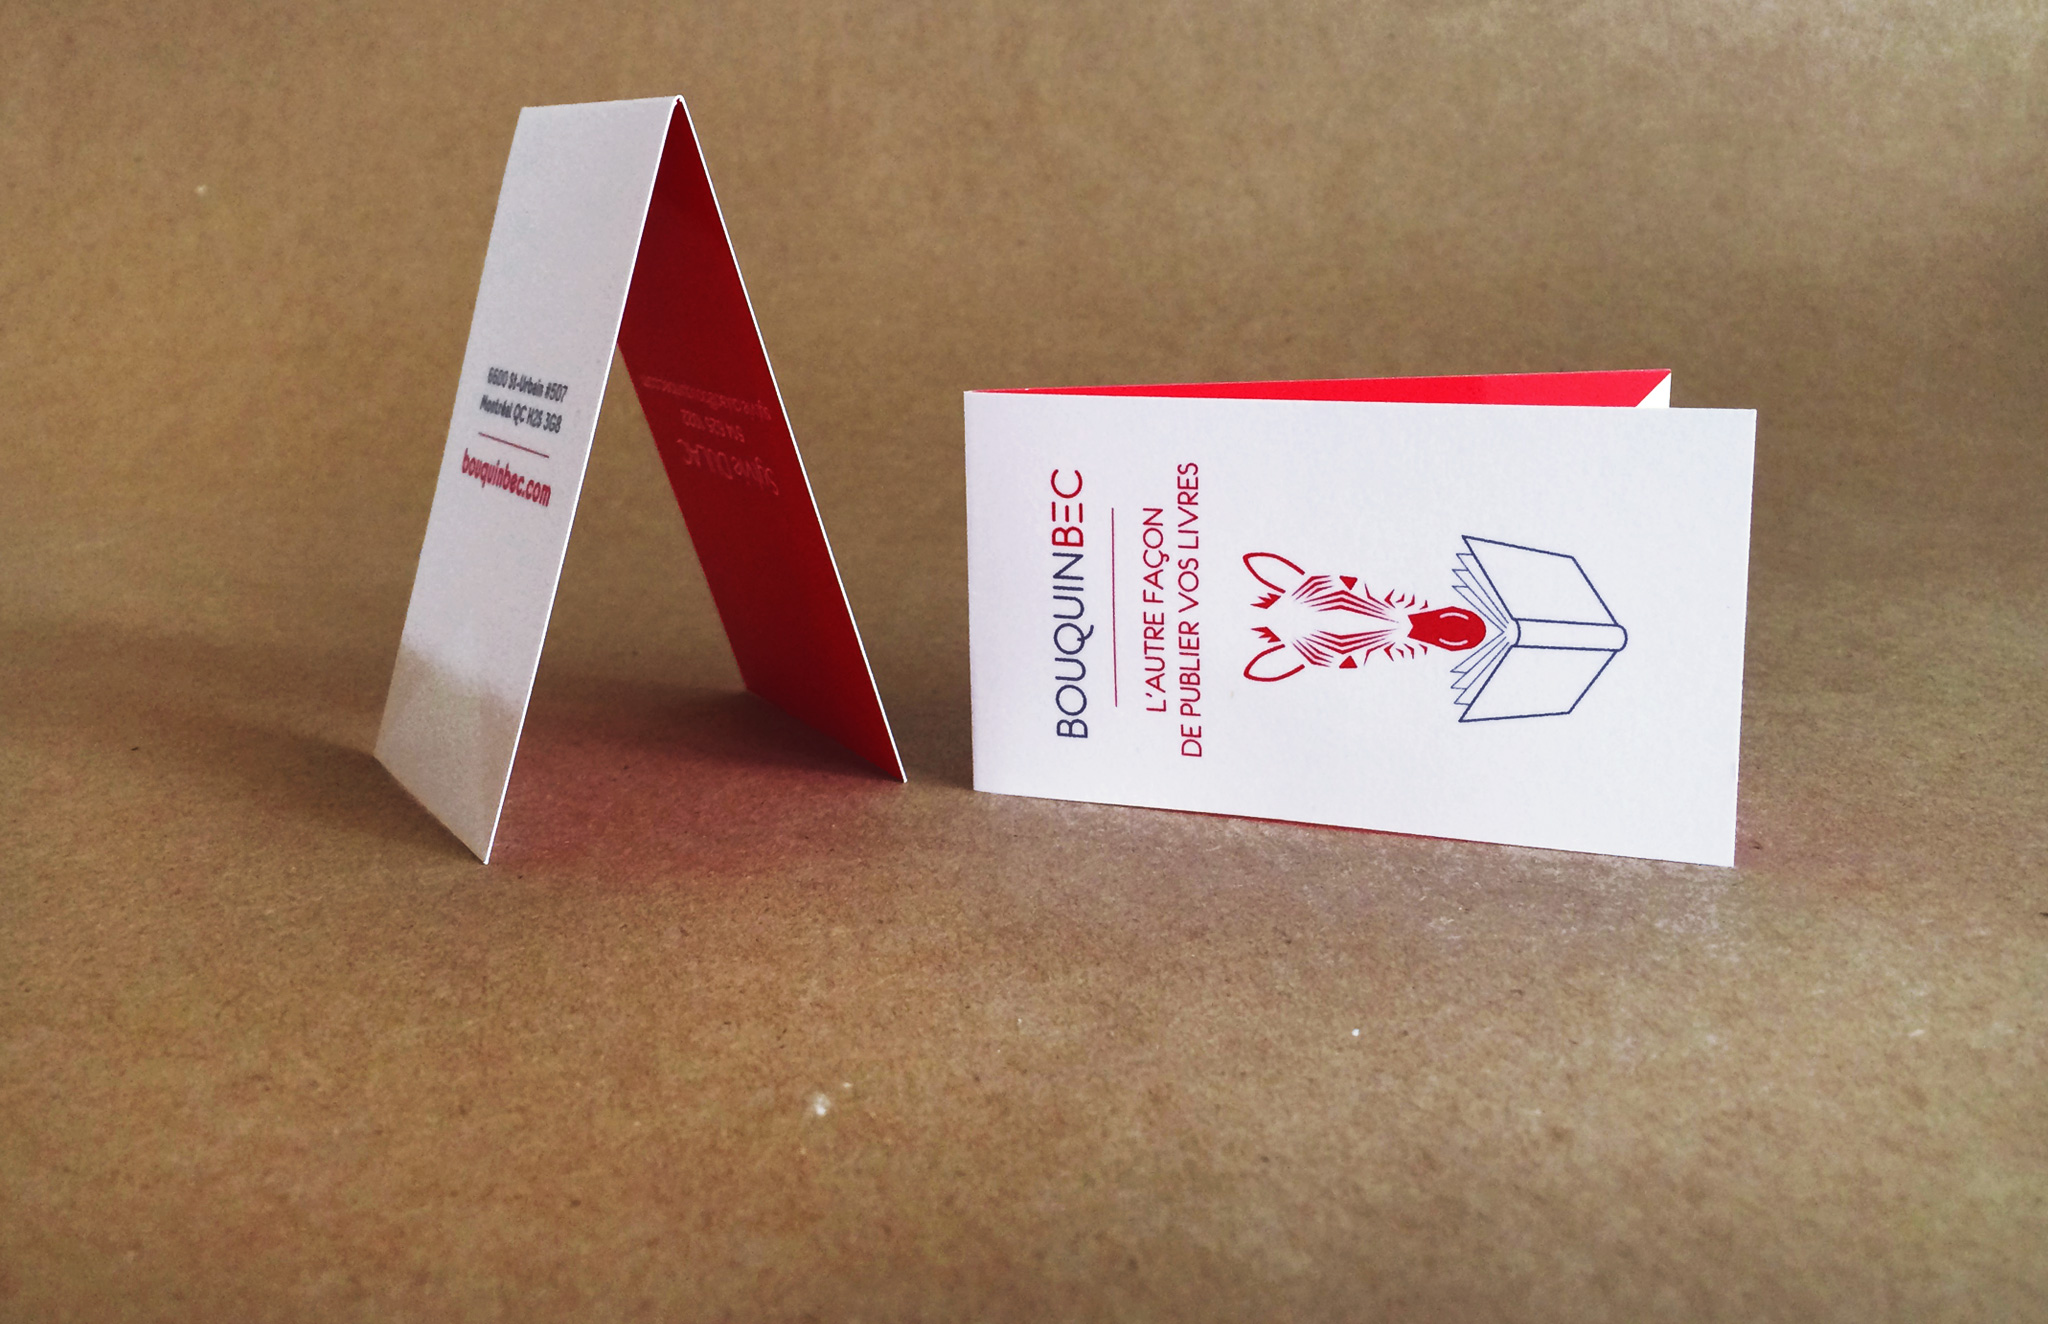 Identité visuelle pour Bouquinbec offrant un service d'accompagnement à la publication, l'auto-édition.